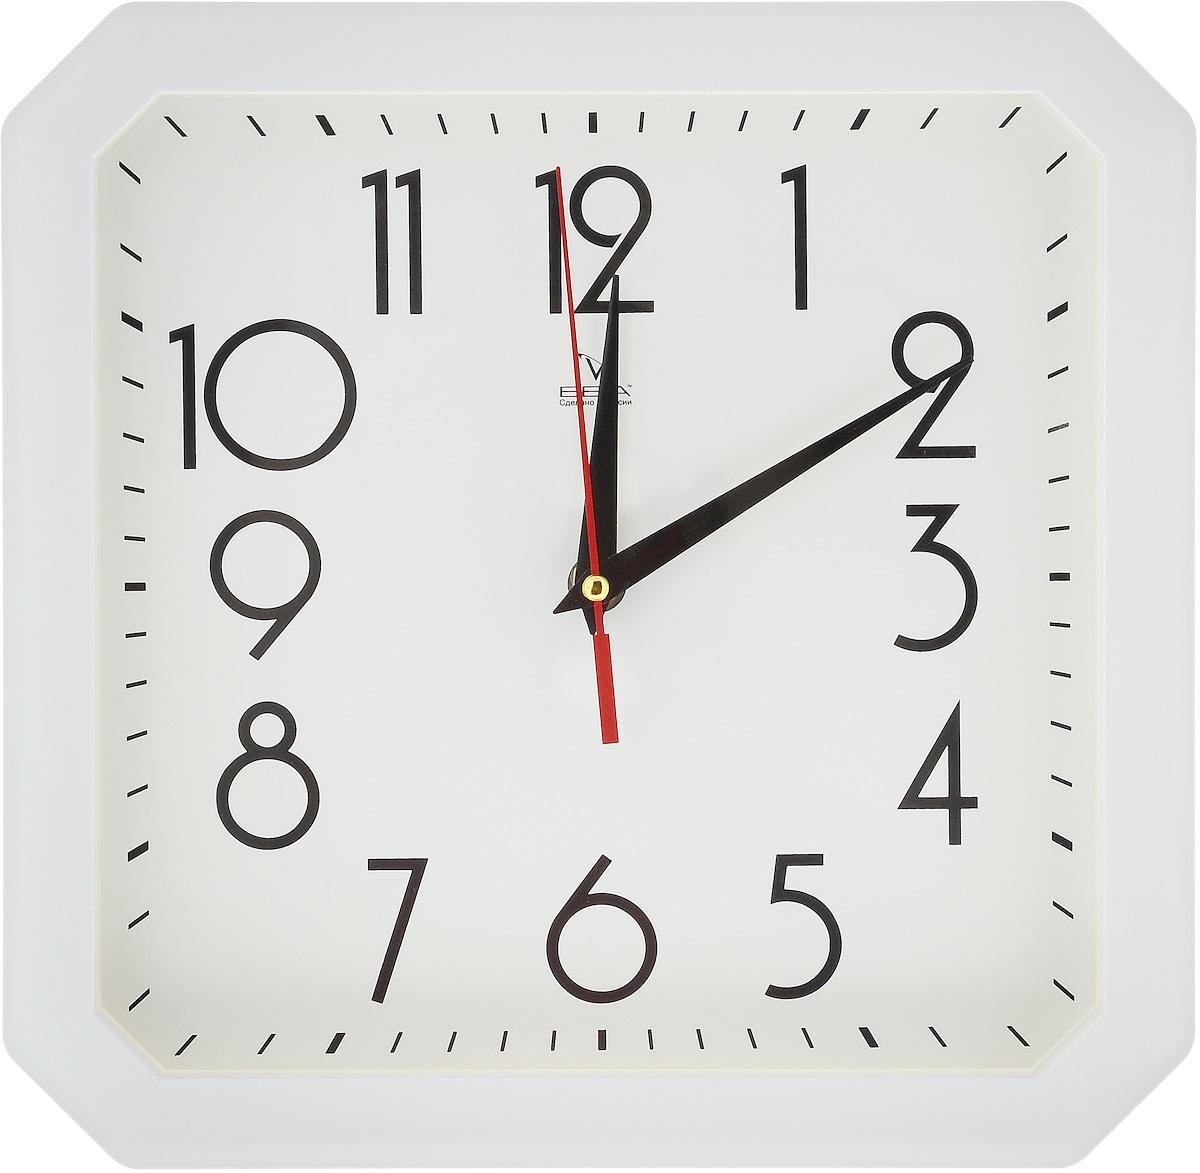 Часы настенные Вега Классика, цвет: белый, 28 х 28 смП4-7/7-81Настенные кварцевые часы Вега Классика, изготовленные из пластика, прекрасно впишутся в интерьервашего дома. Часы имеют три стрелки: часовую,минутную и секундную, циферблат защищен прозрачным стеклом.Часы работают от 1 батарейки типа АА напряжением 1,5 В (не входит в комплект). Размер часов: 28 х 28 х 4 см.